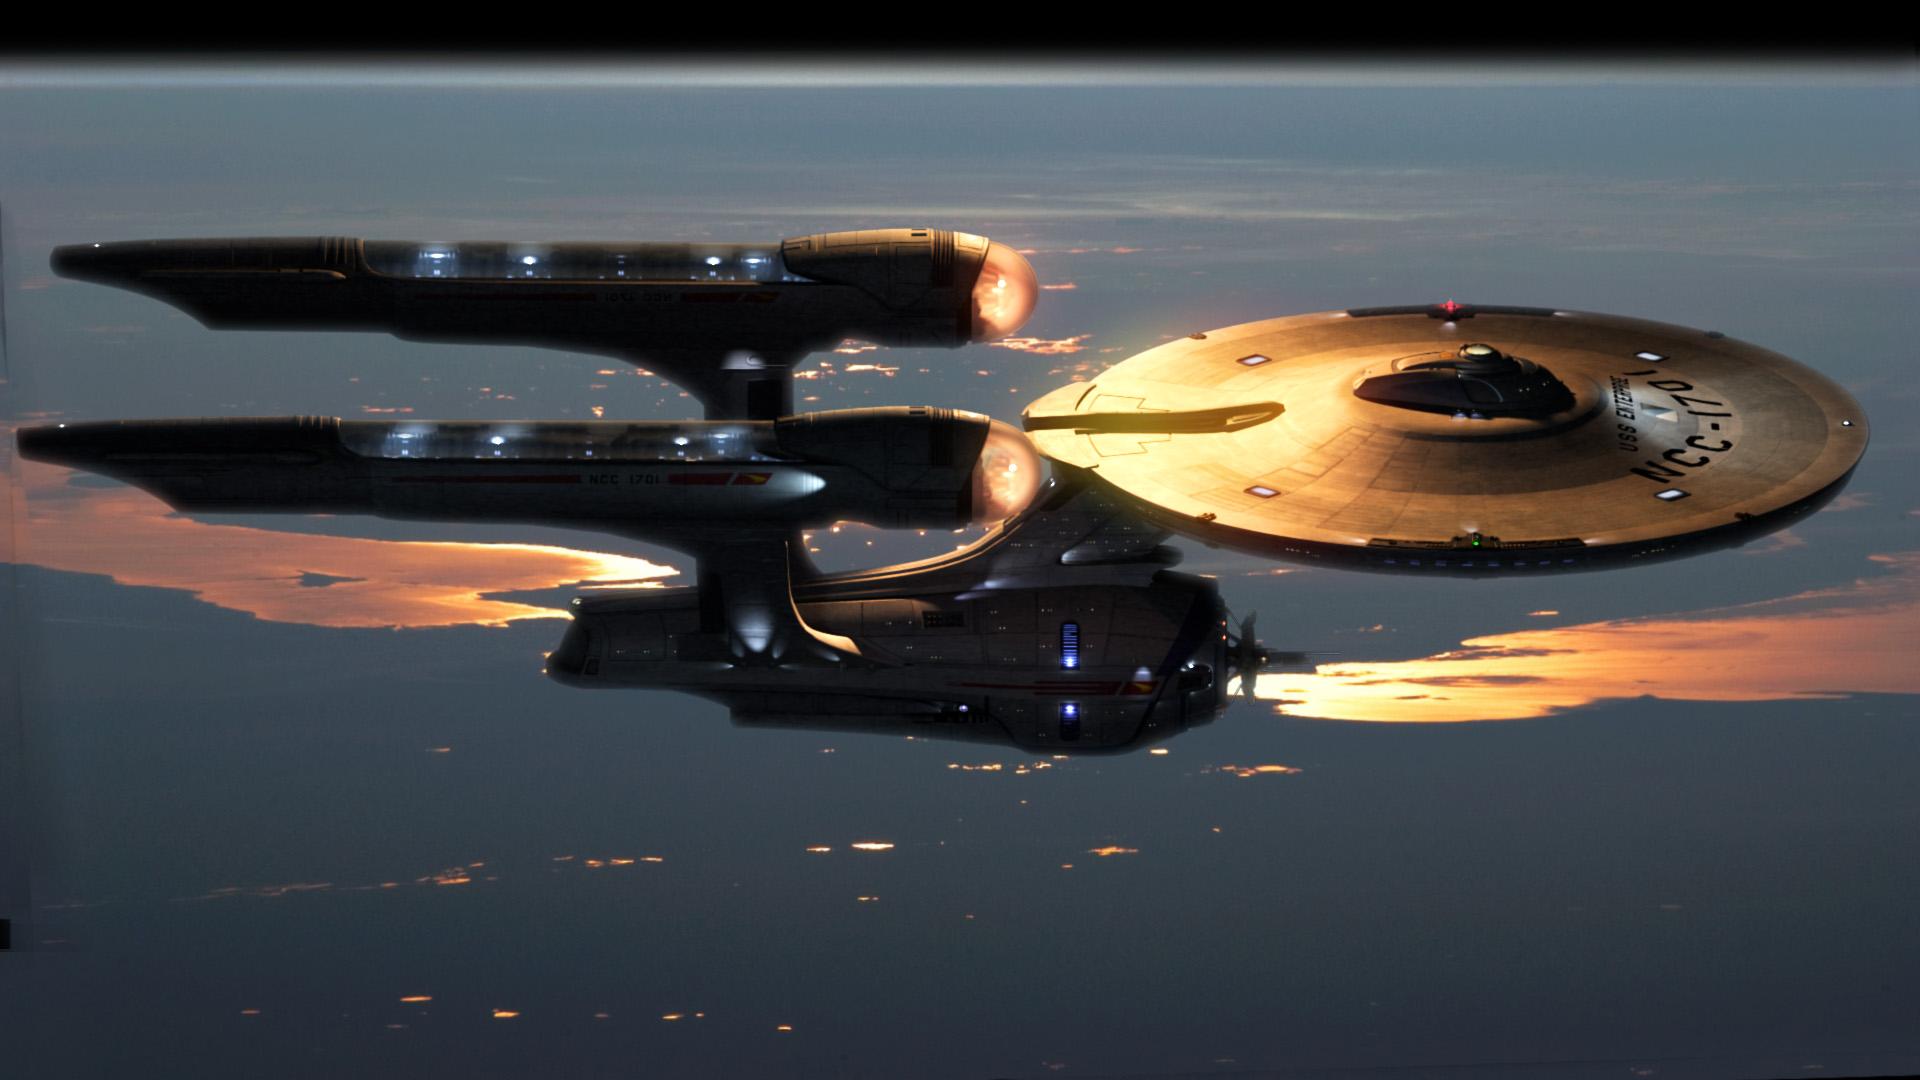 NCC-1701 A Enterprise do reboot.